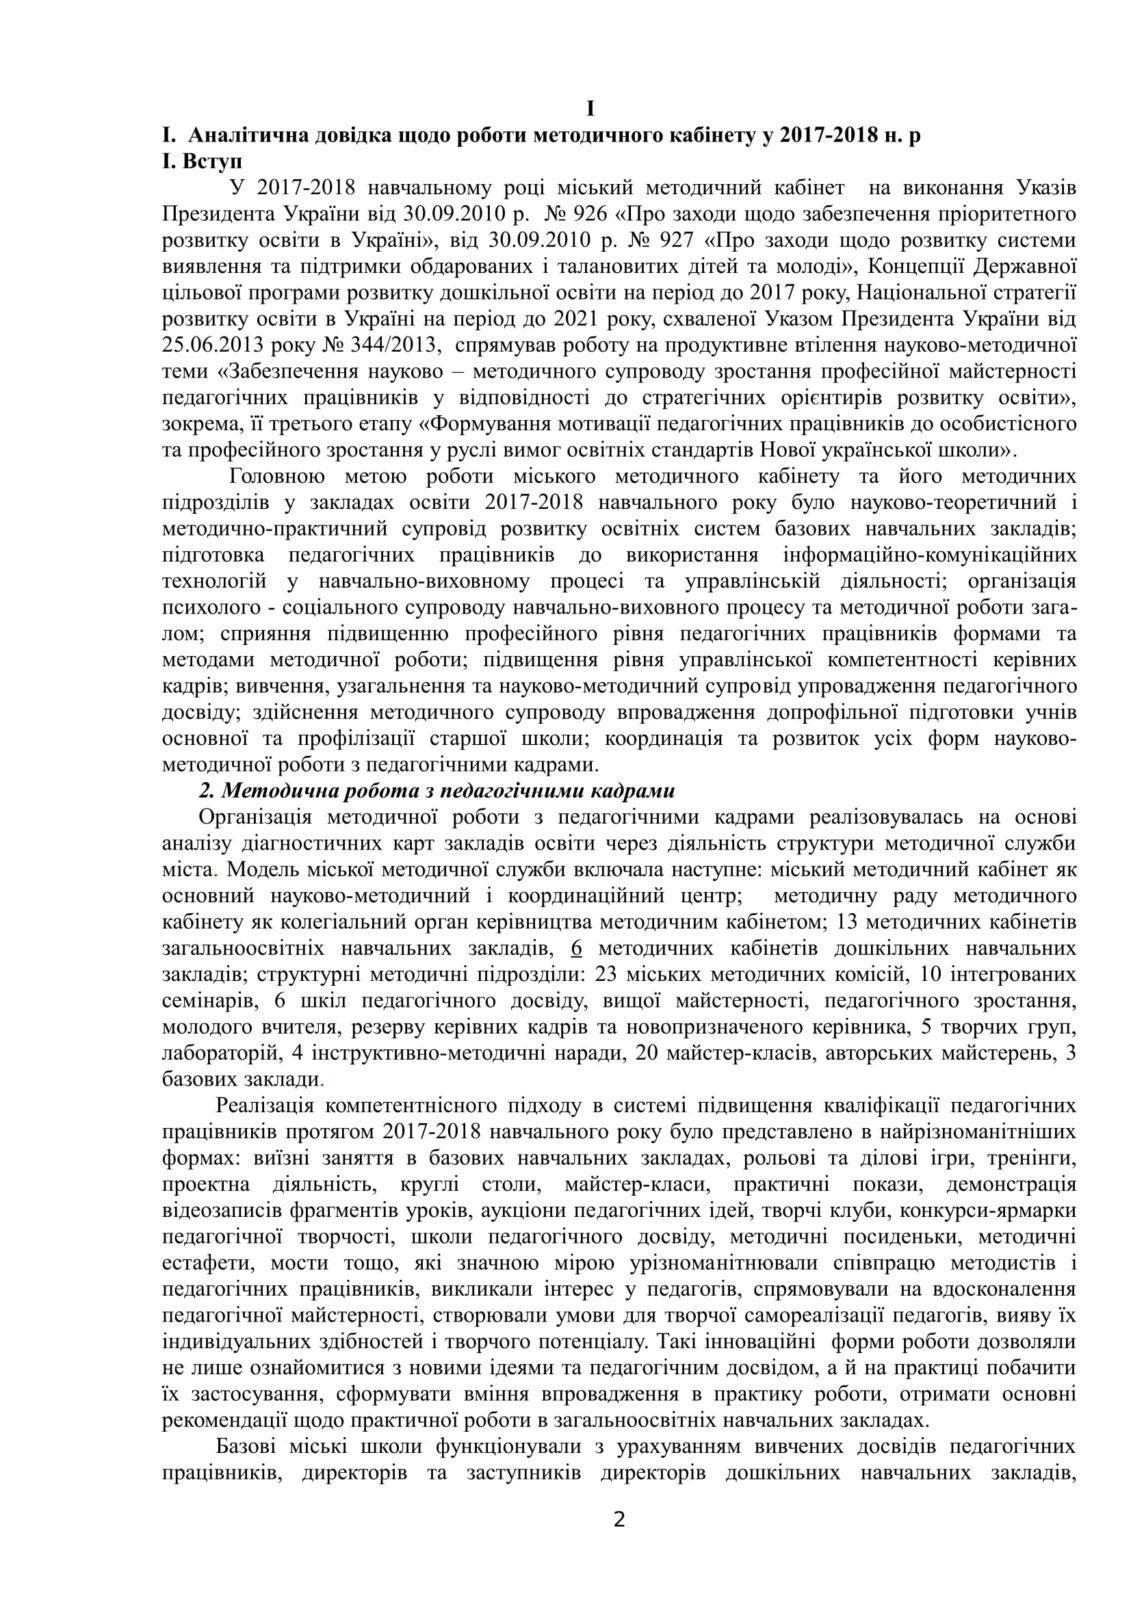 Костянтинівка 2018-2019 - ММК план роботи-03